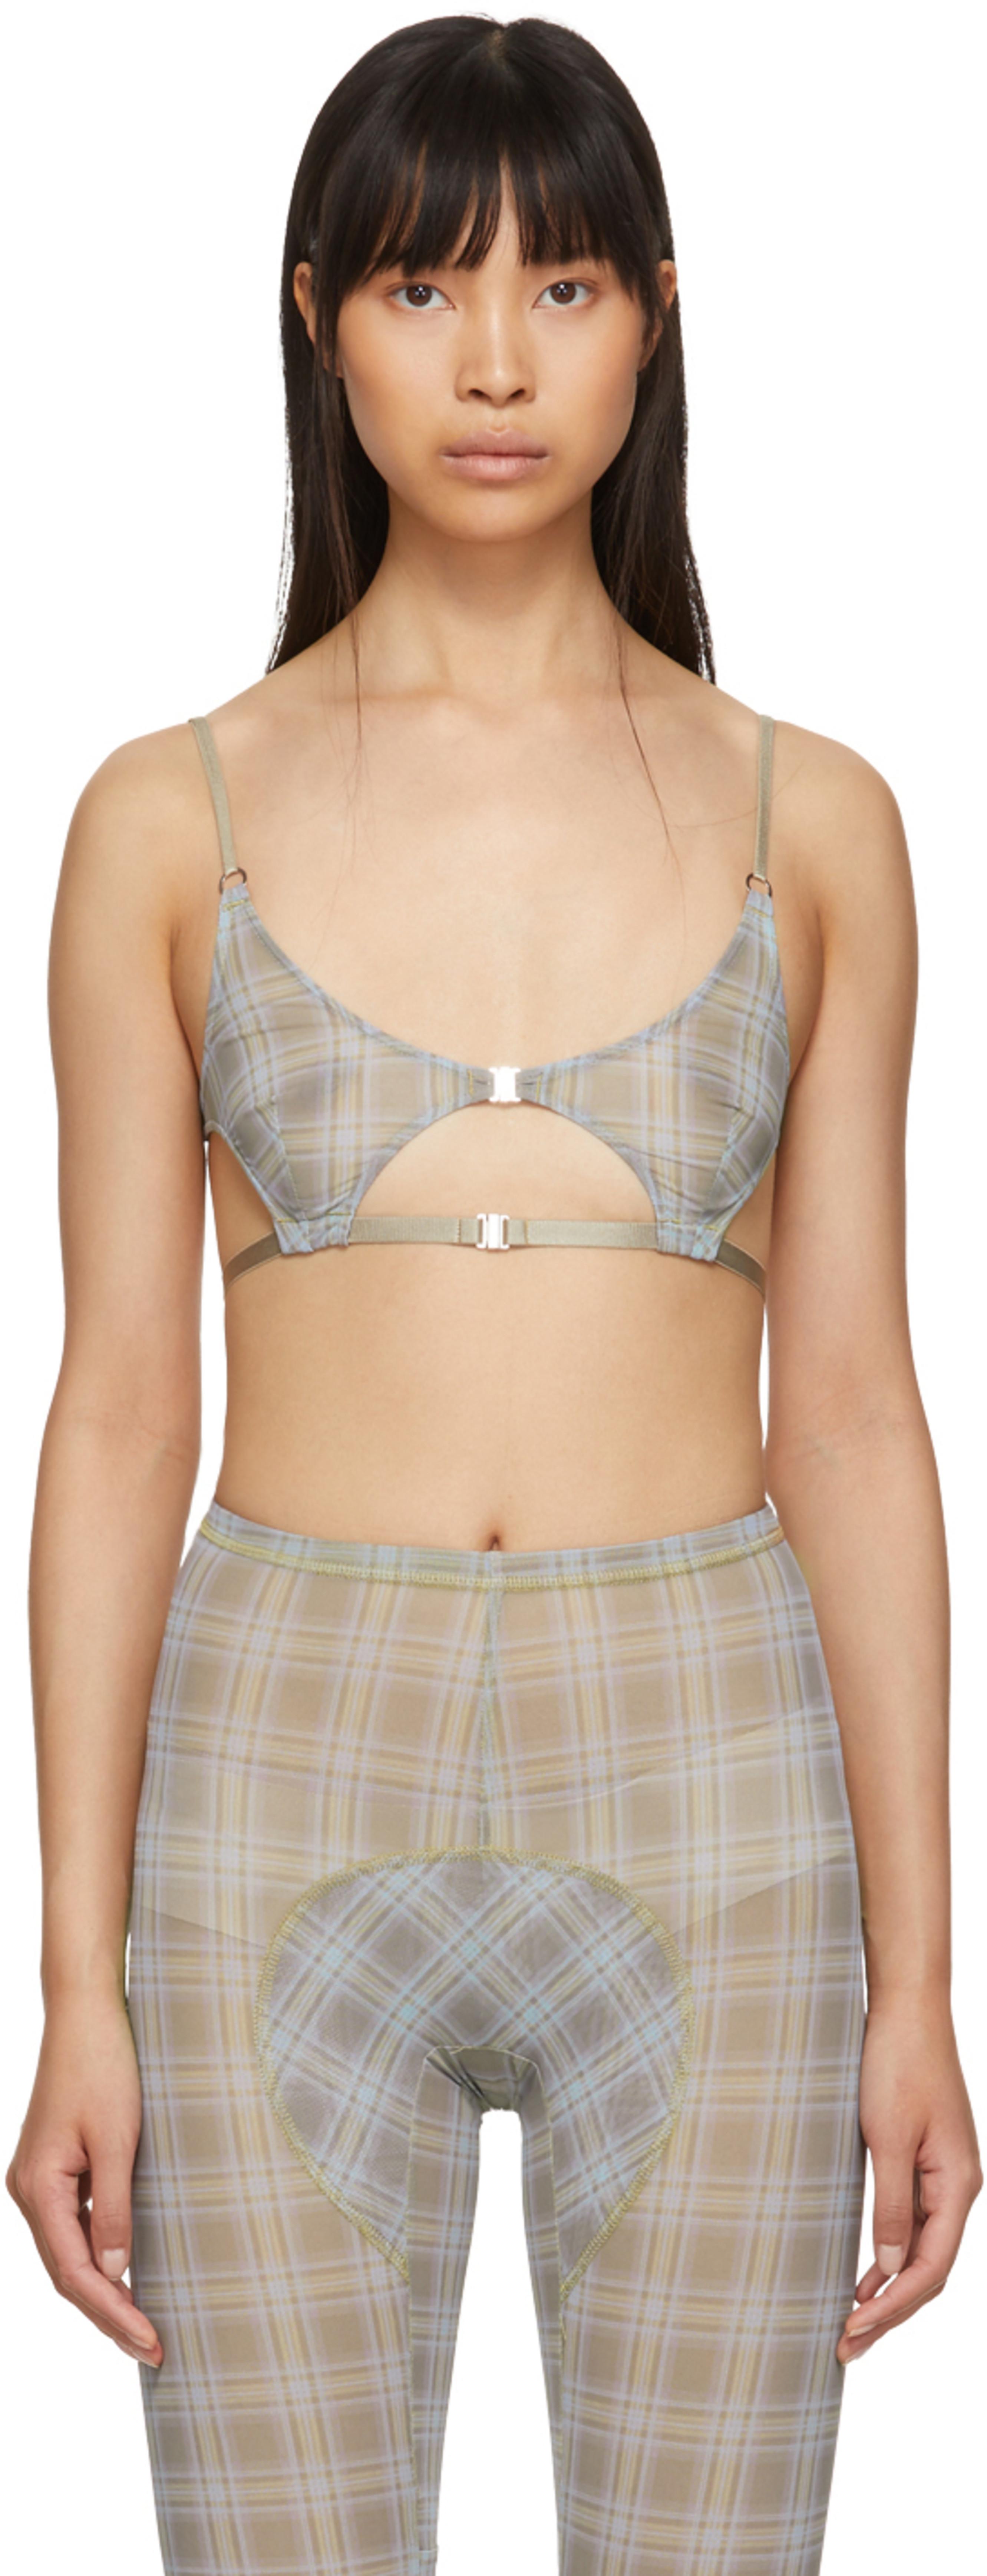 bf929d6c1 Designer lingerie for Women